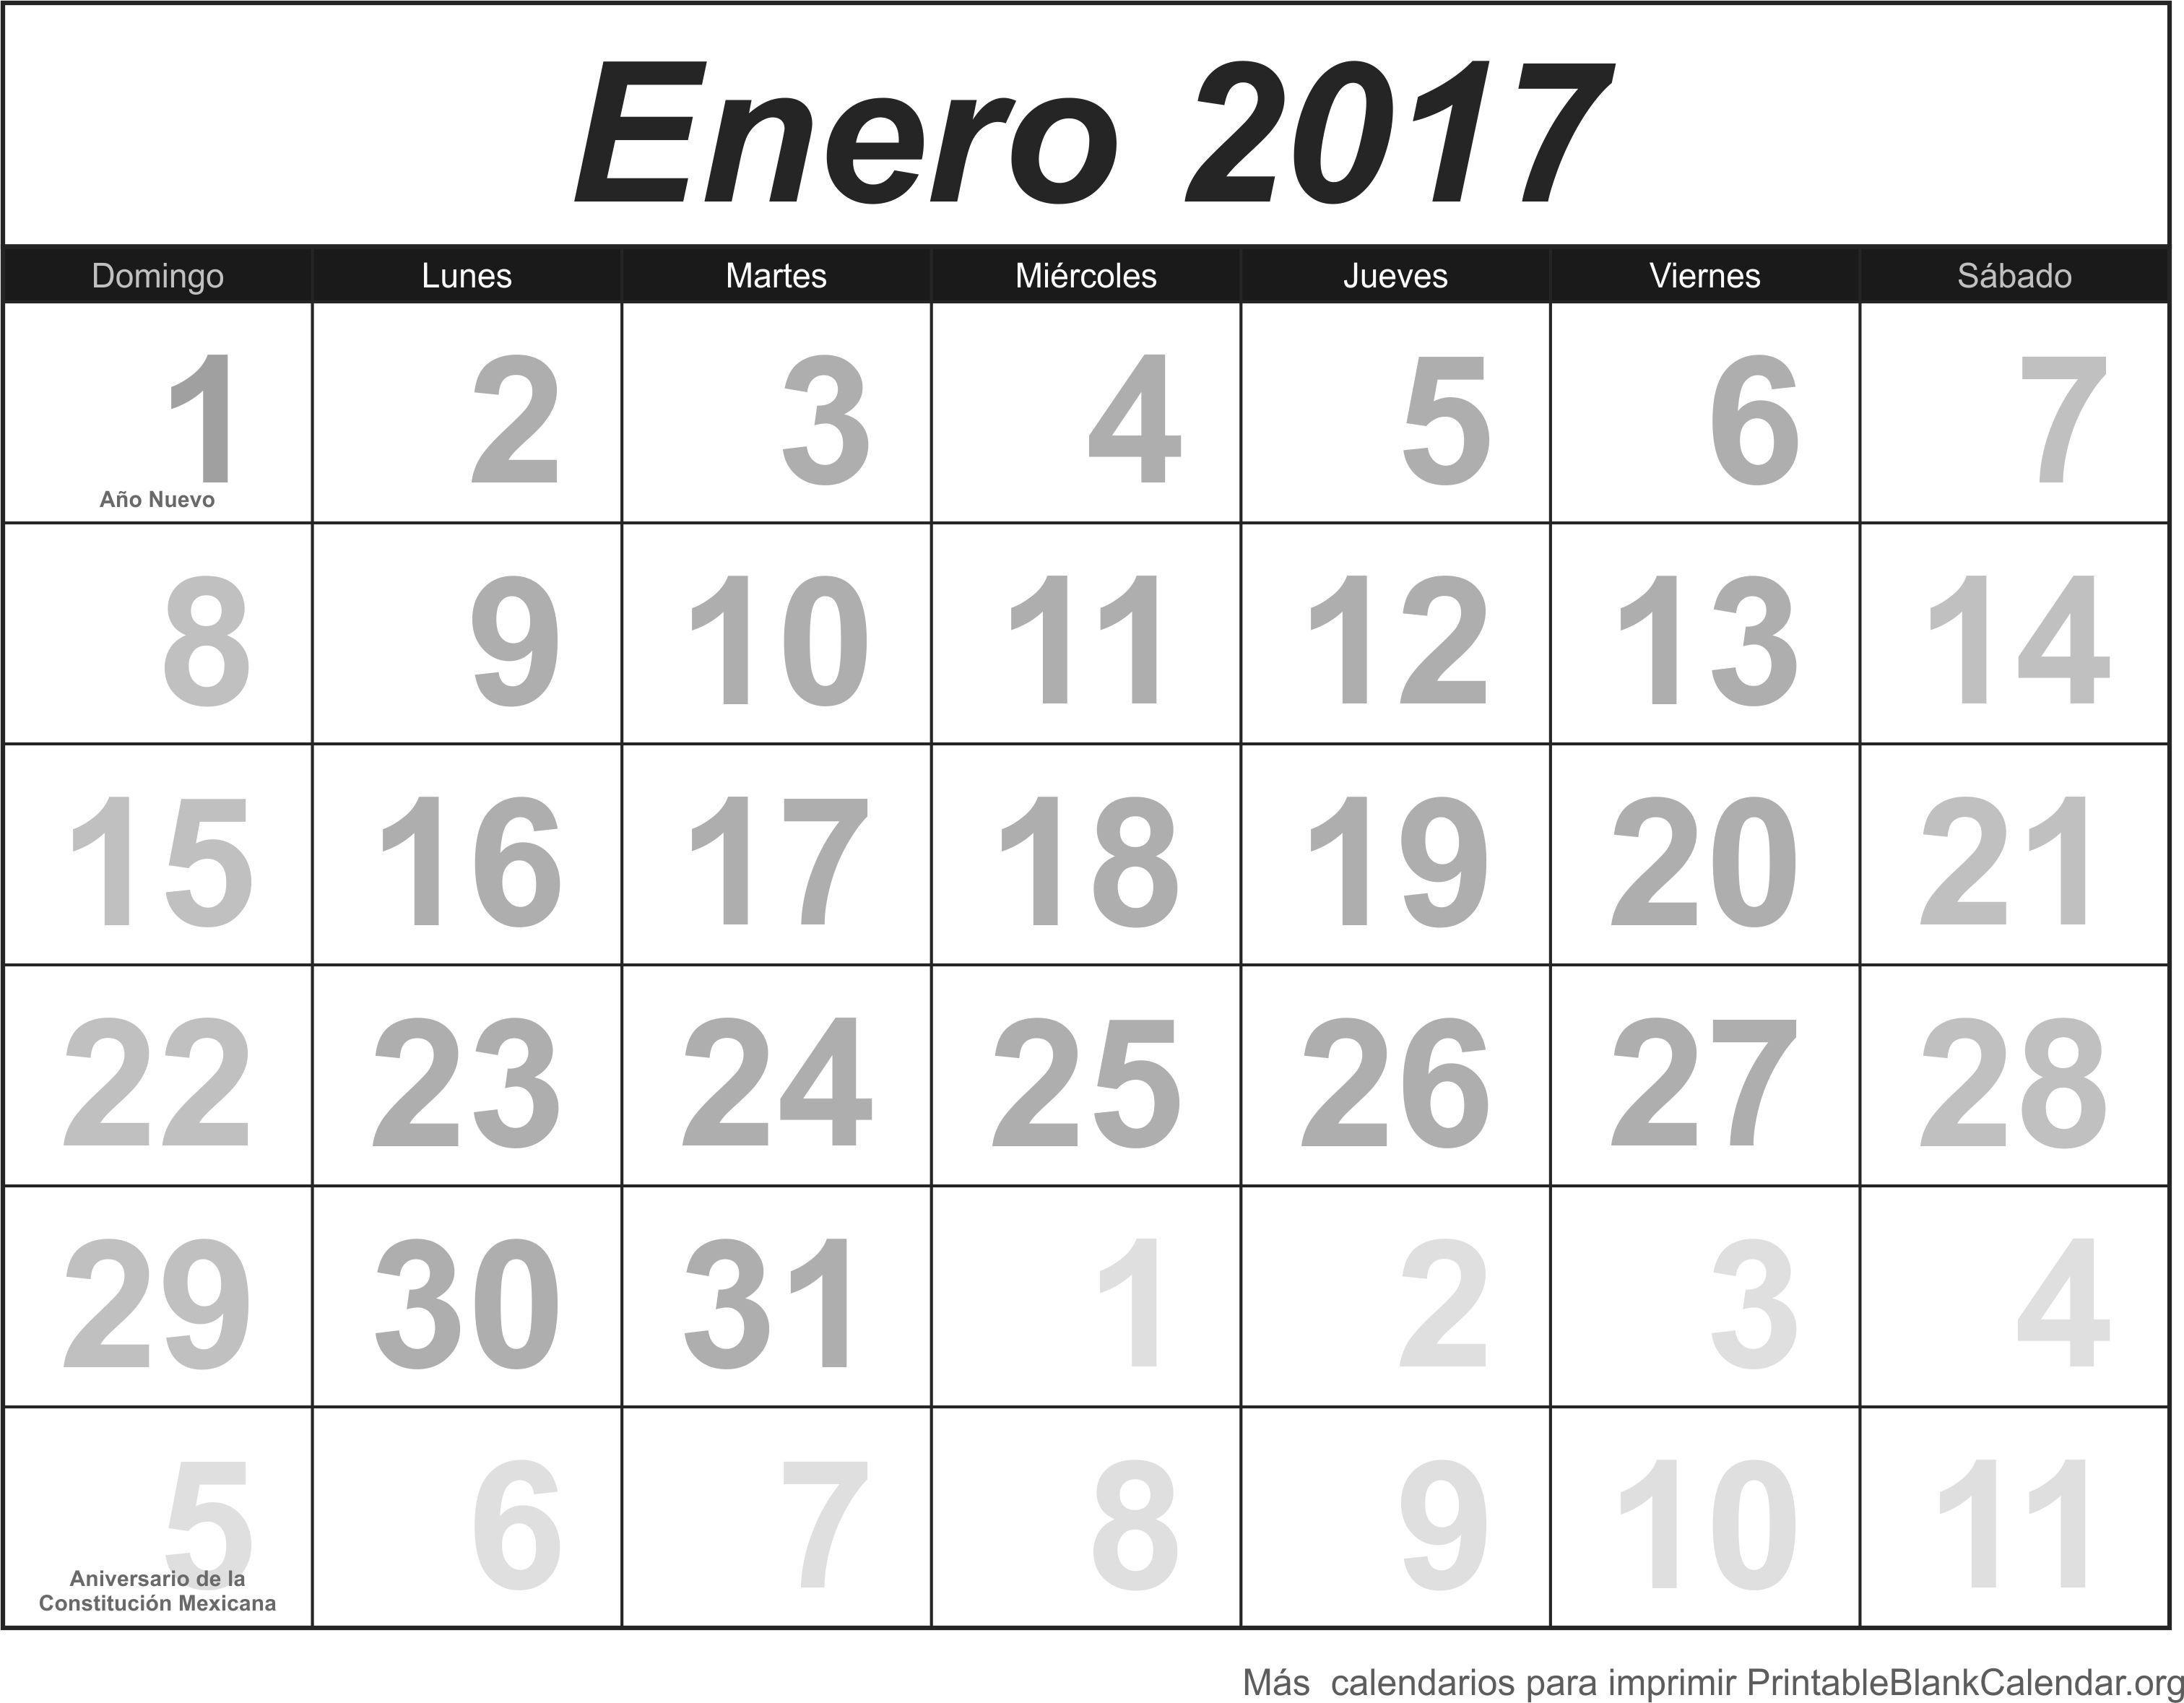 Calendario Mensual Para Imprimir 2017 Gratis Recientes Best Calendario Del Mes De Enero 2017 Para Imprimir Image Collection Of Calendario Mensual Para Imprimir 2017 Gratis Actual Planner Para Blogueras Y Emprendedoras Creativas